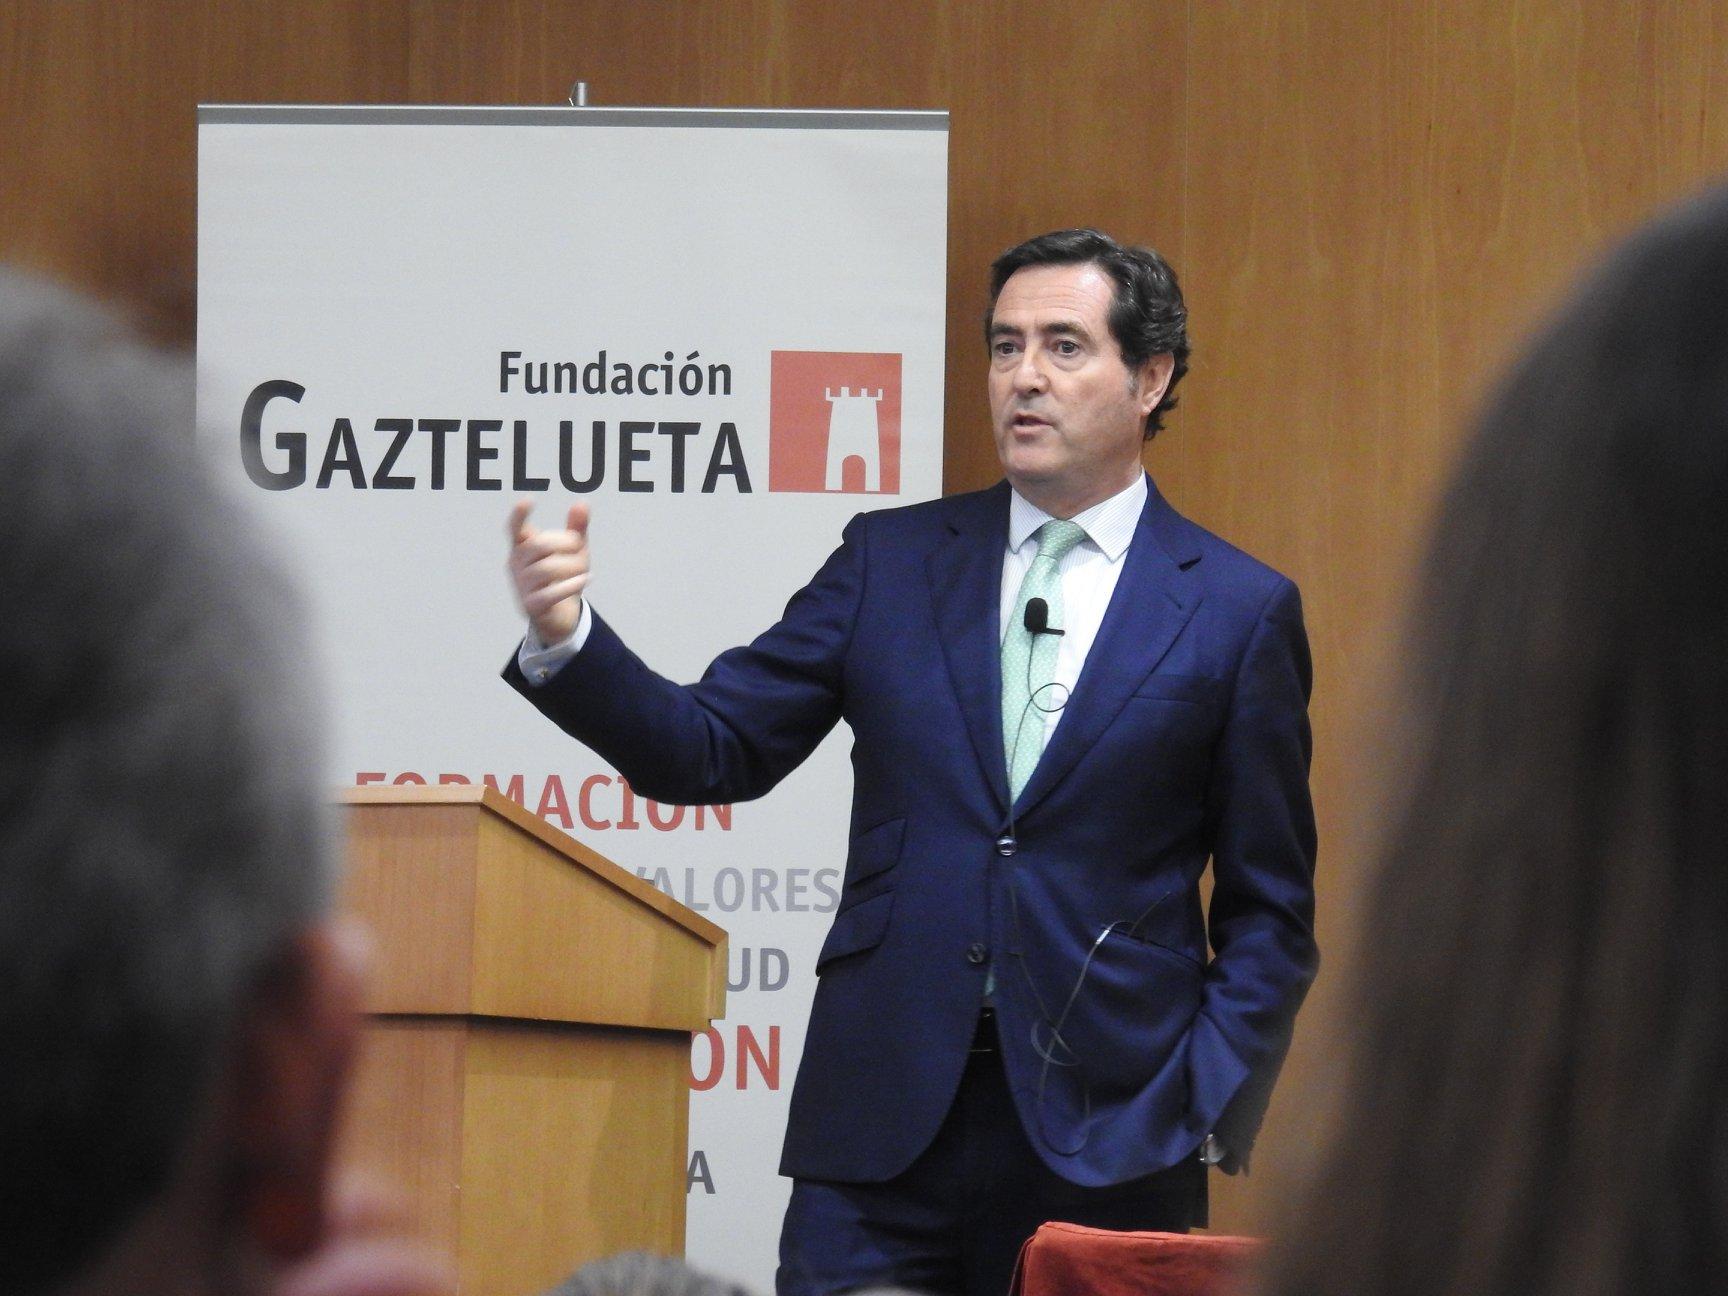 Fundación Gaztelueta Garamendi